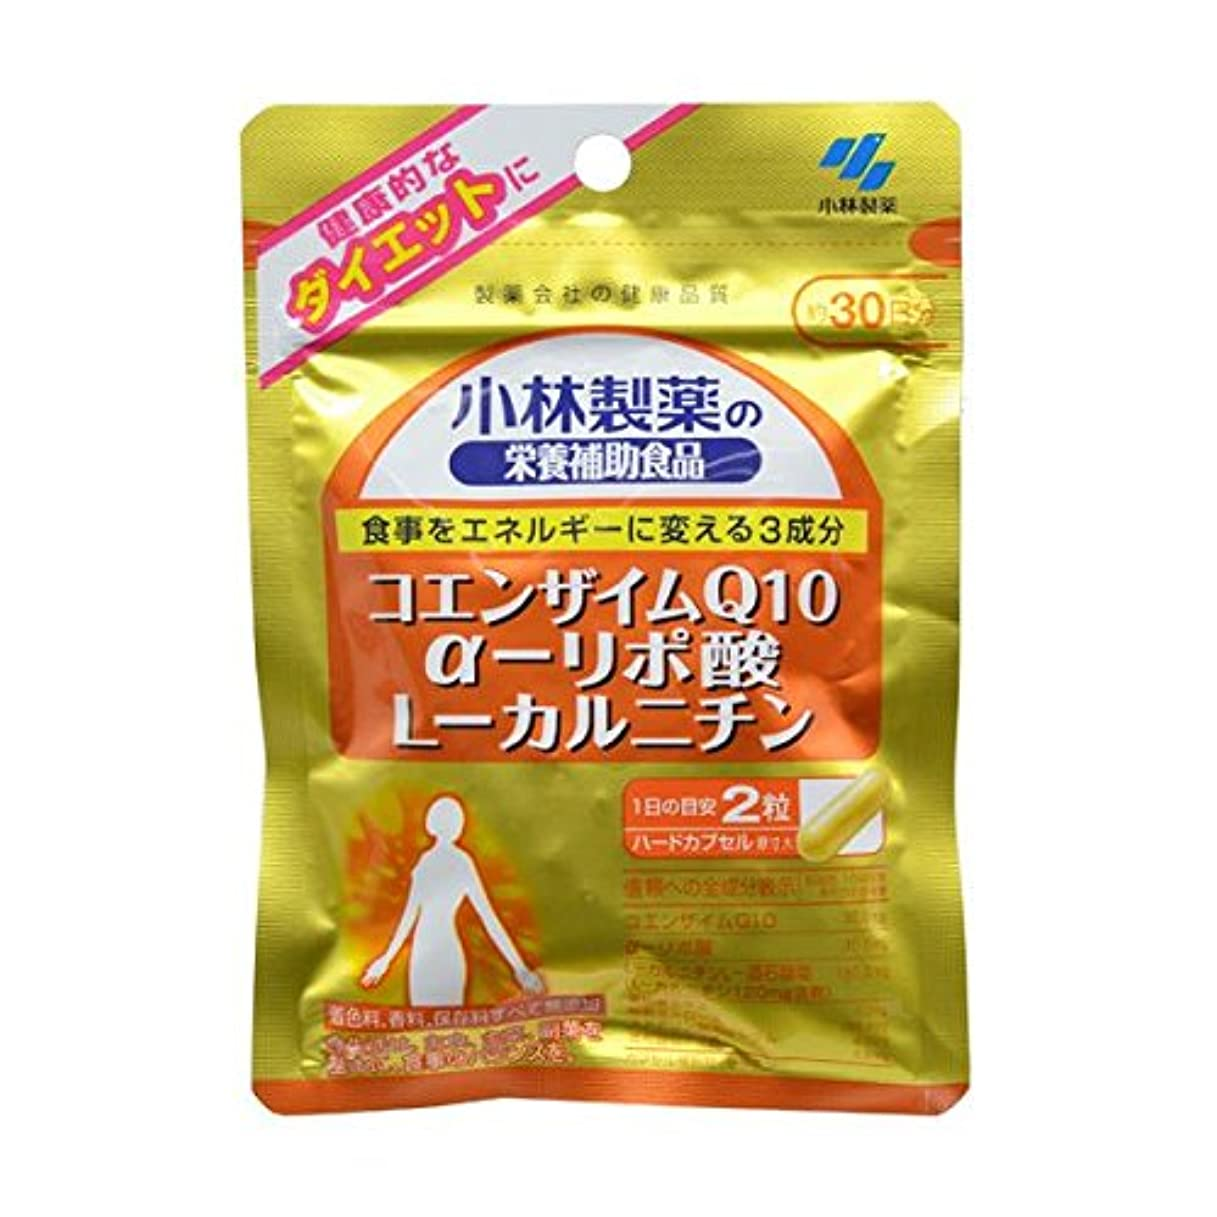 手段暴力的な交換小林製薬 小林製薬の栄養補助食品コエンザイムQ10α-リポ酸L-カルニチン60粒×2